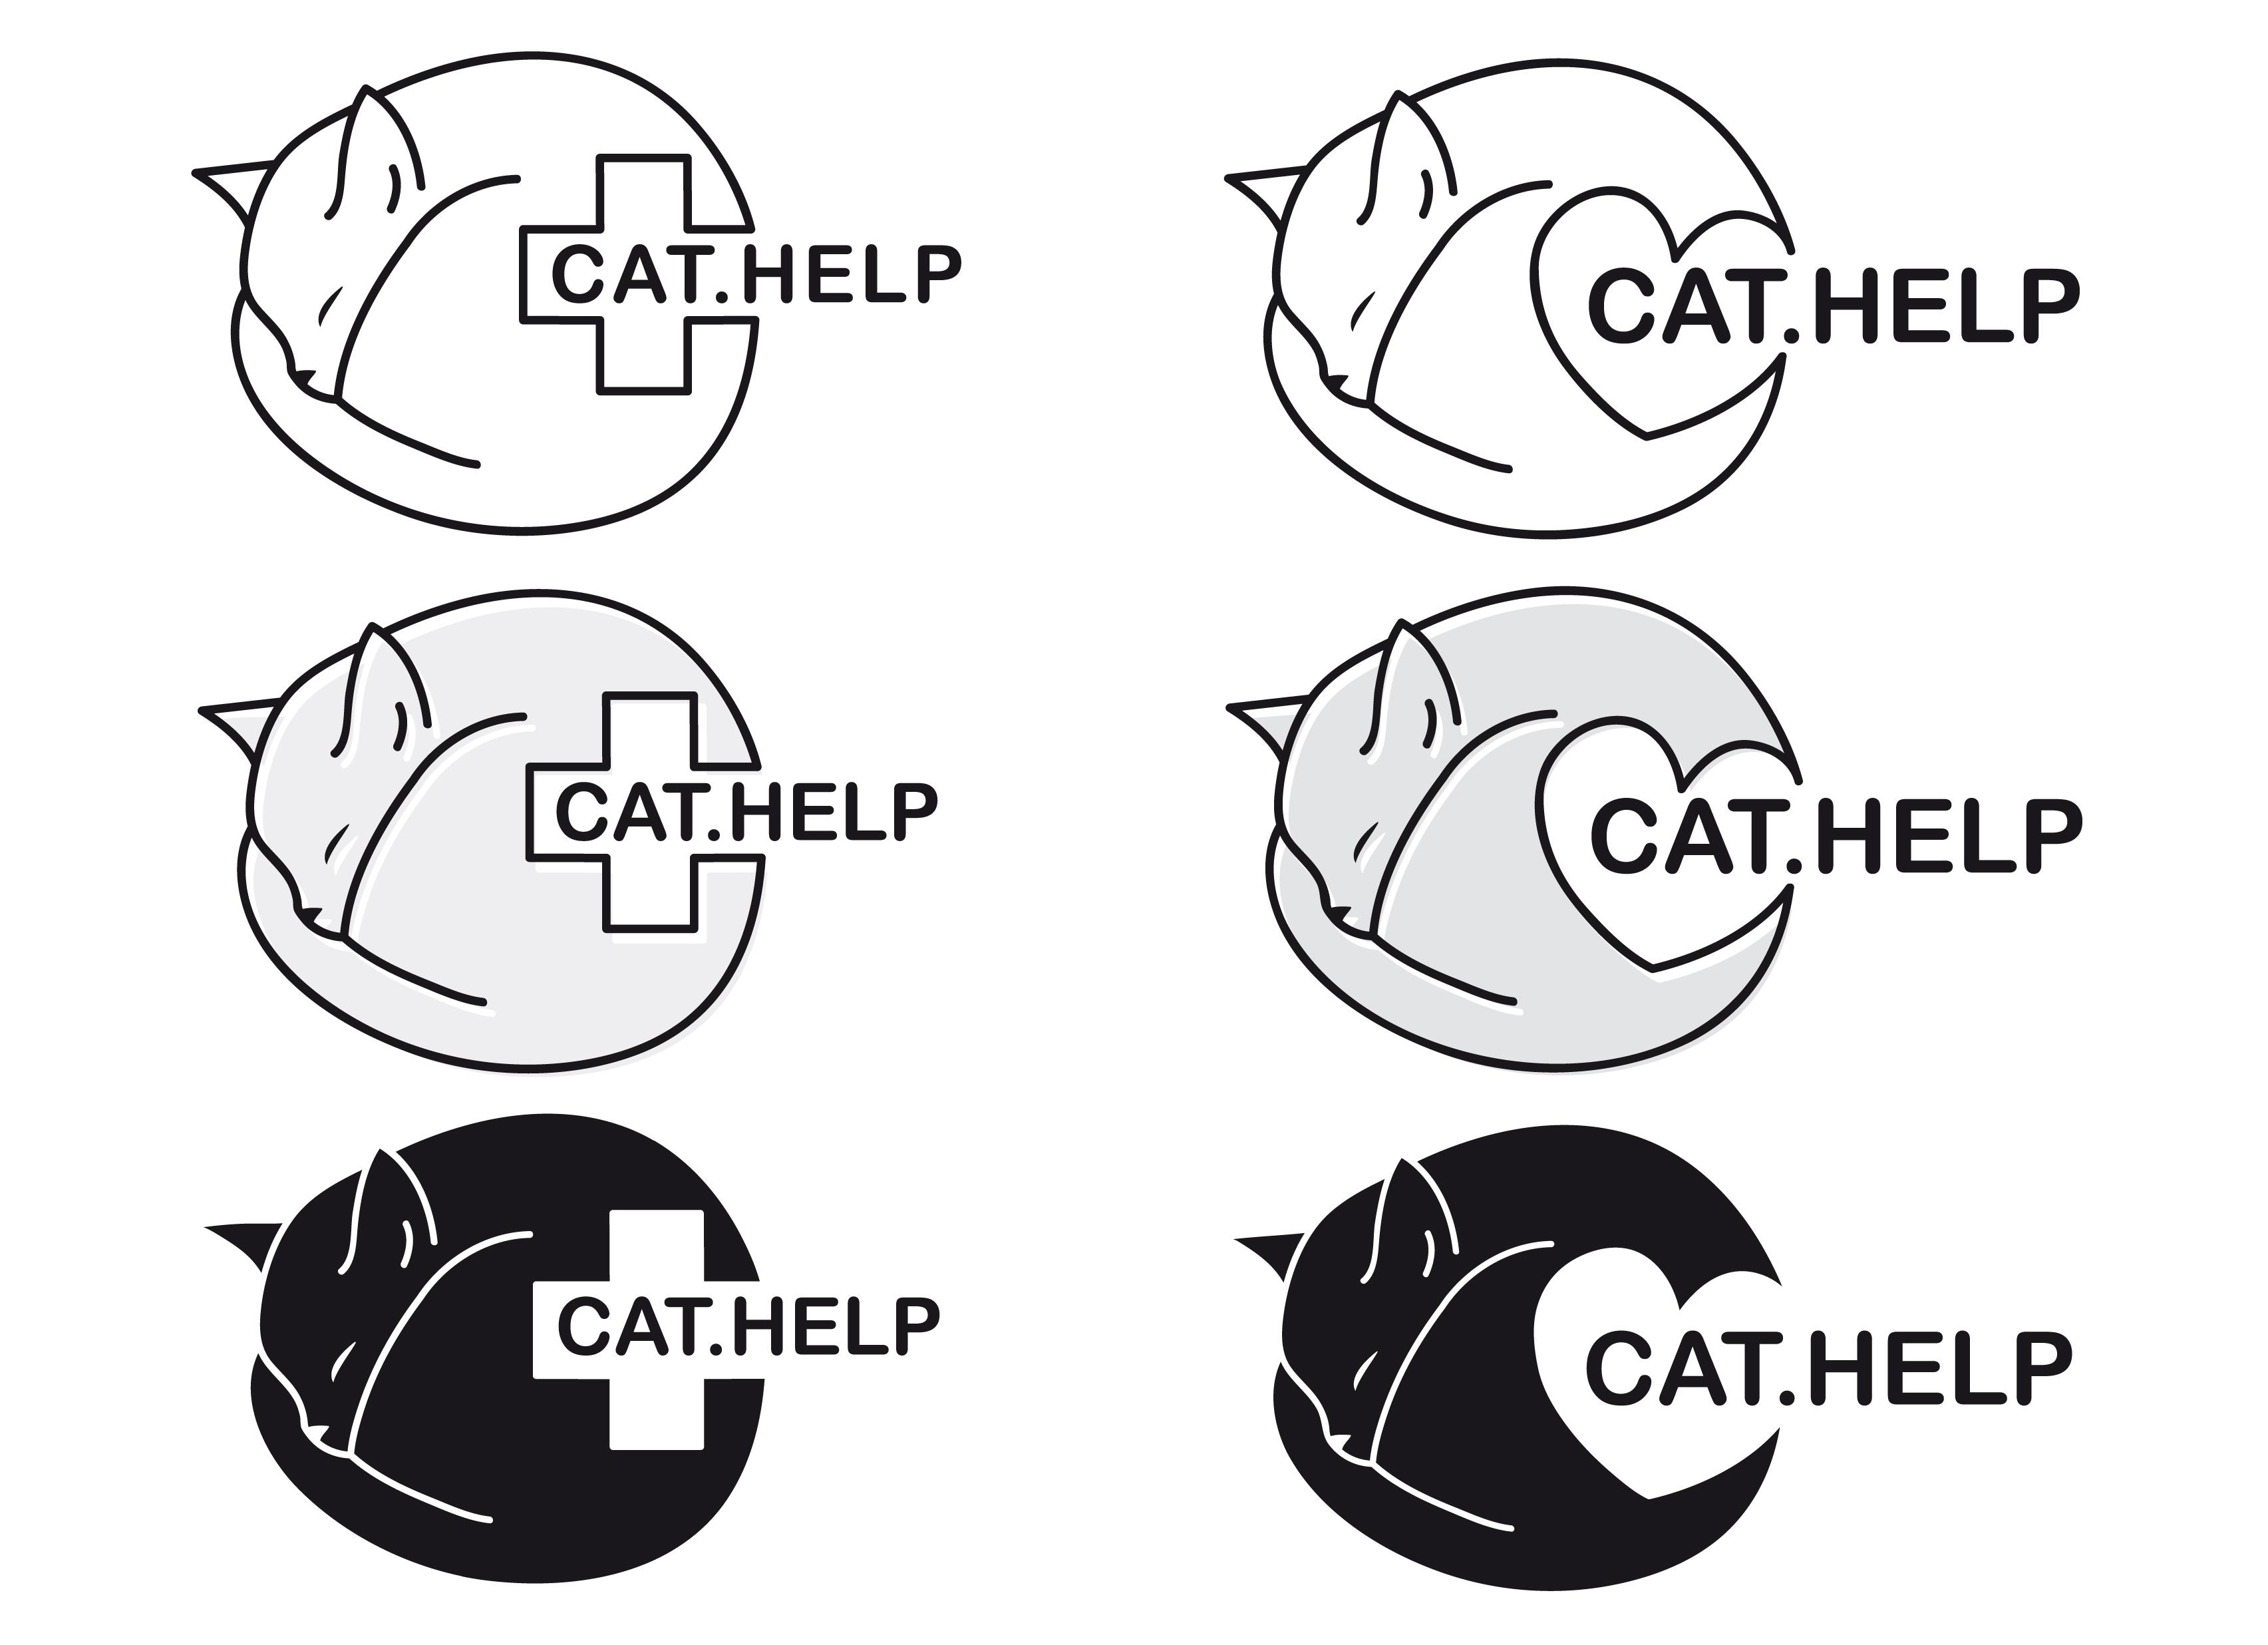 логотип для сайта и группы вк - cat.help фото f_20159dc8ce9b4933.jpg